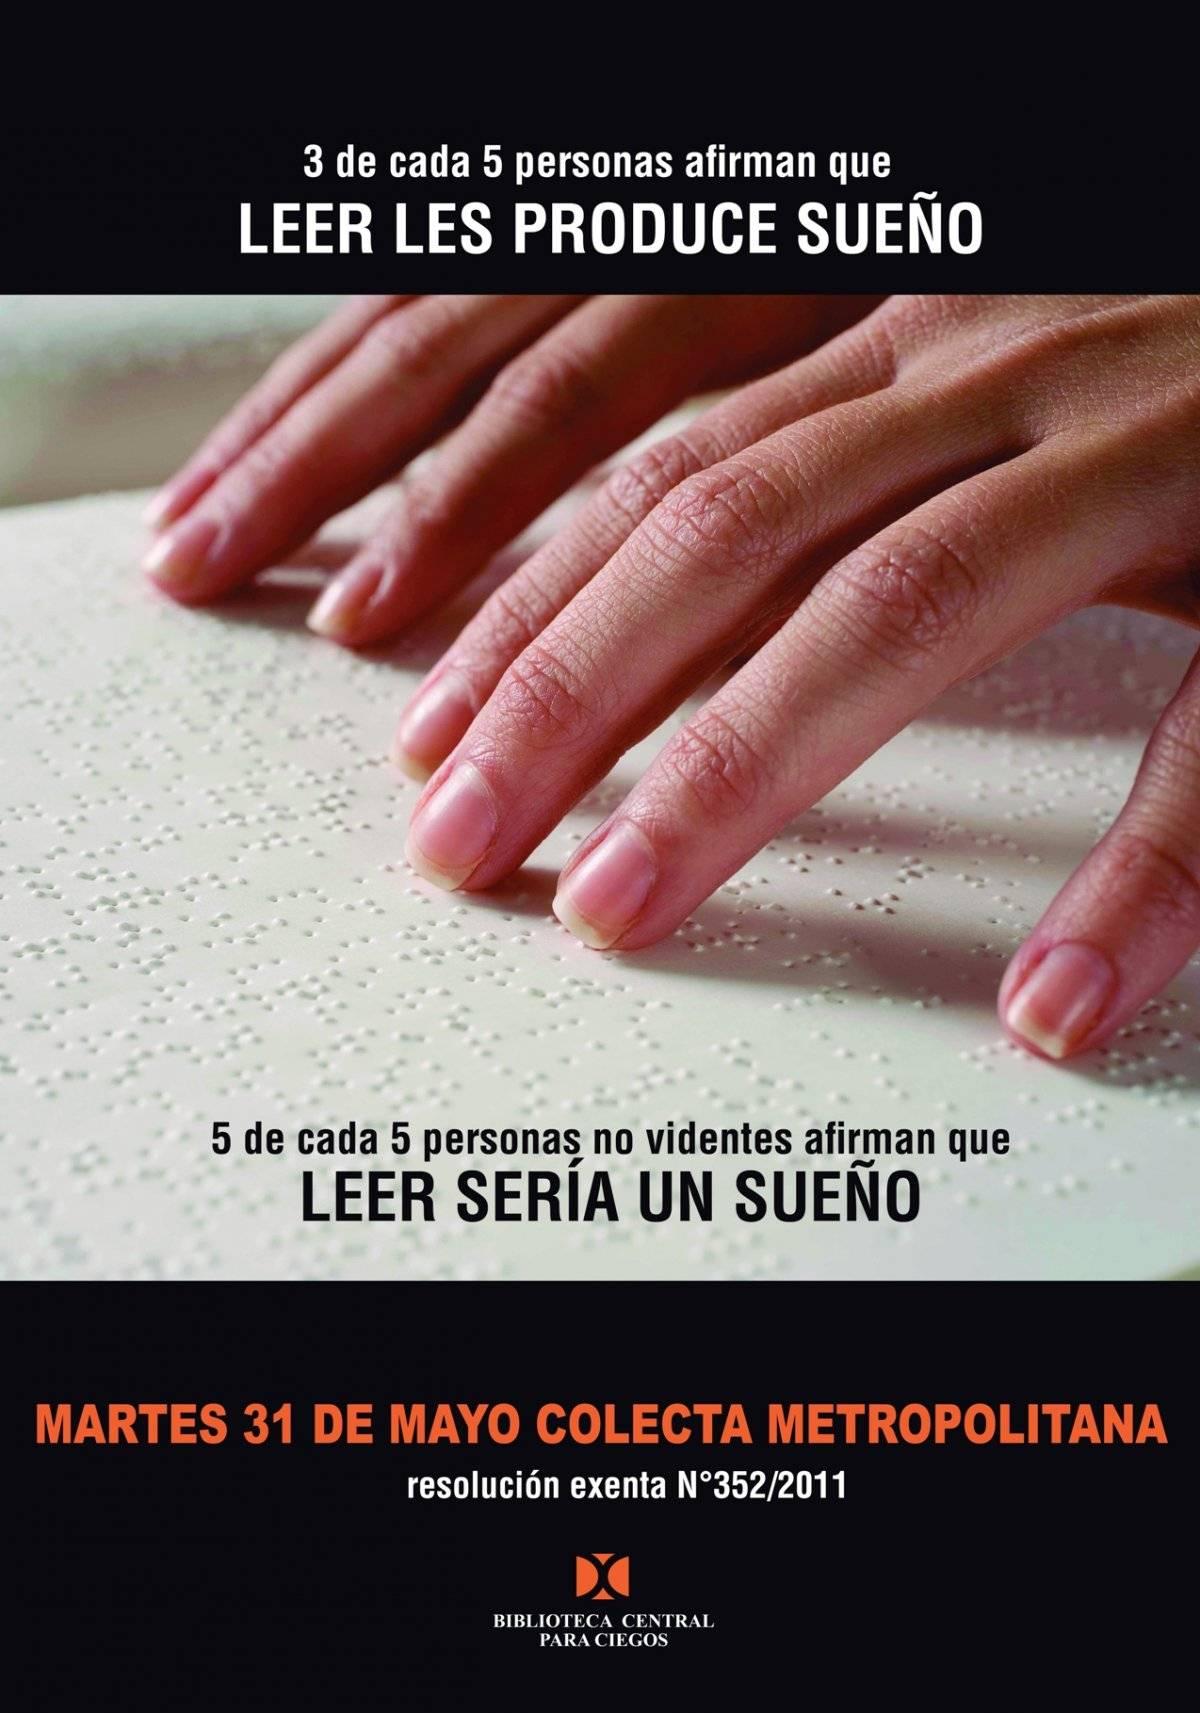 afichecolecta2011media1.jpg